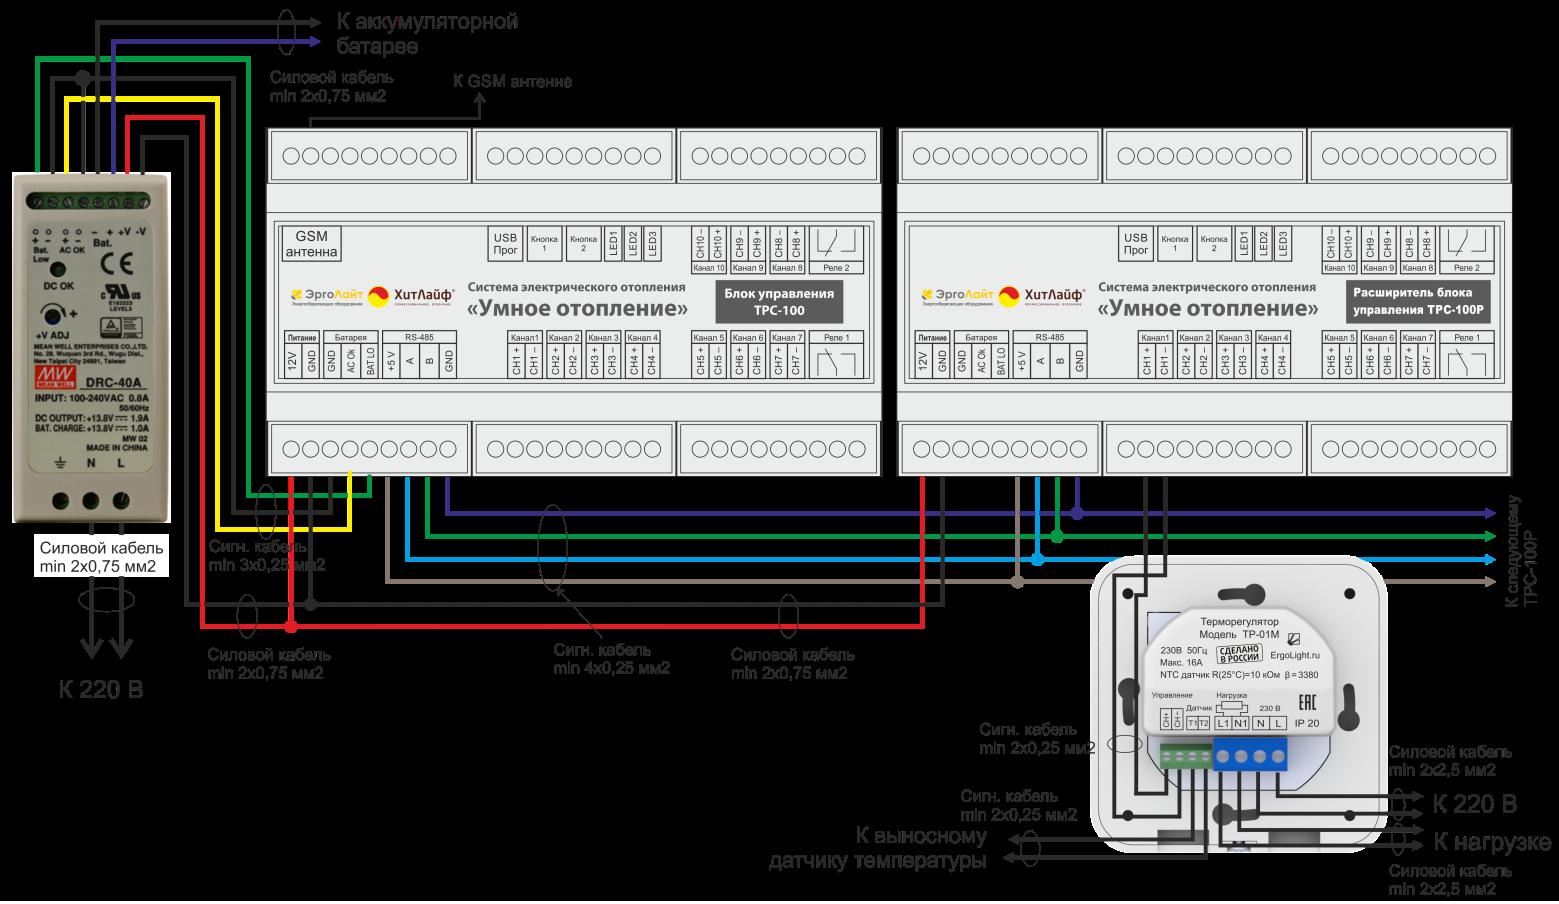 Рисунок 2. Схема электрическая соединений между компонентами системы